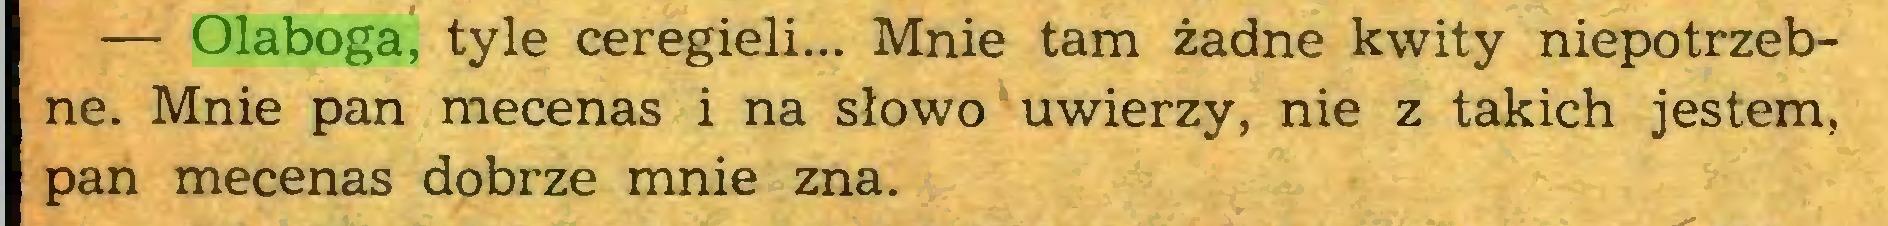 (...) — Olaboga, tyle ceregieli... Mnie tam żadne kwity niepotrzebne. Mnie pan mecenas i na słowo uwierzy, nie z takich jestem, pan mecenas dobrze mnie zna...